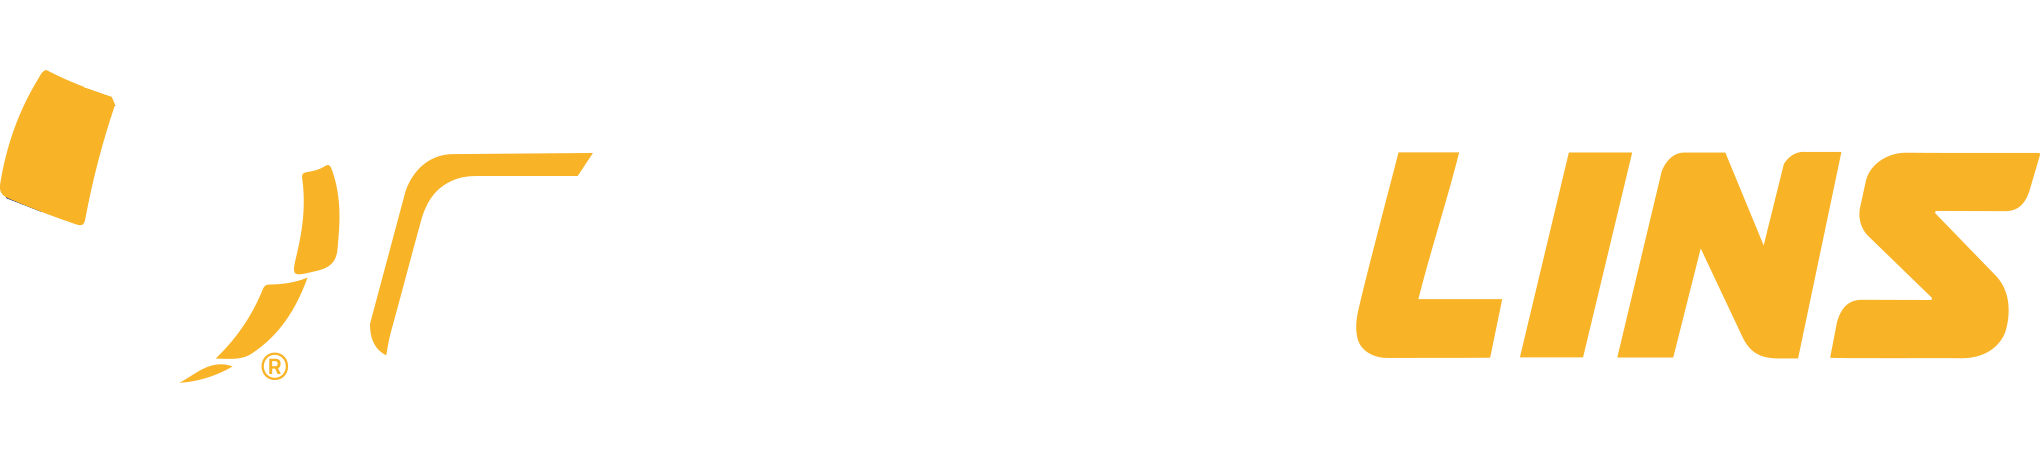 CETECLins